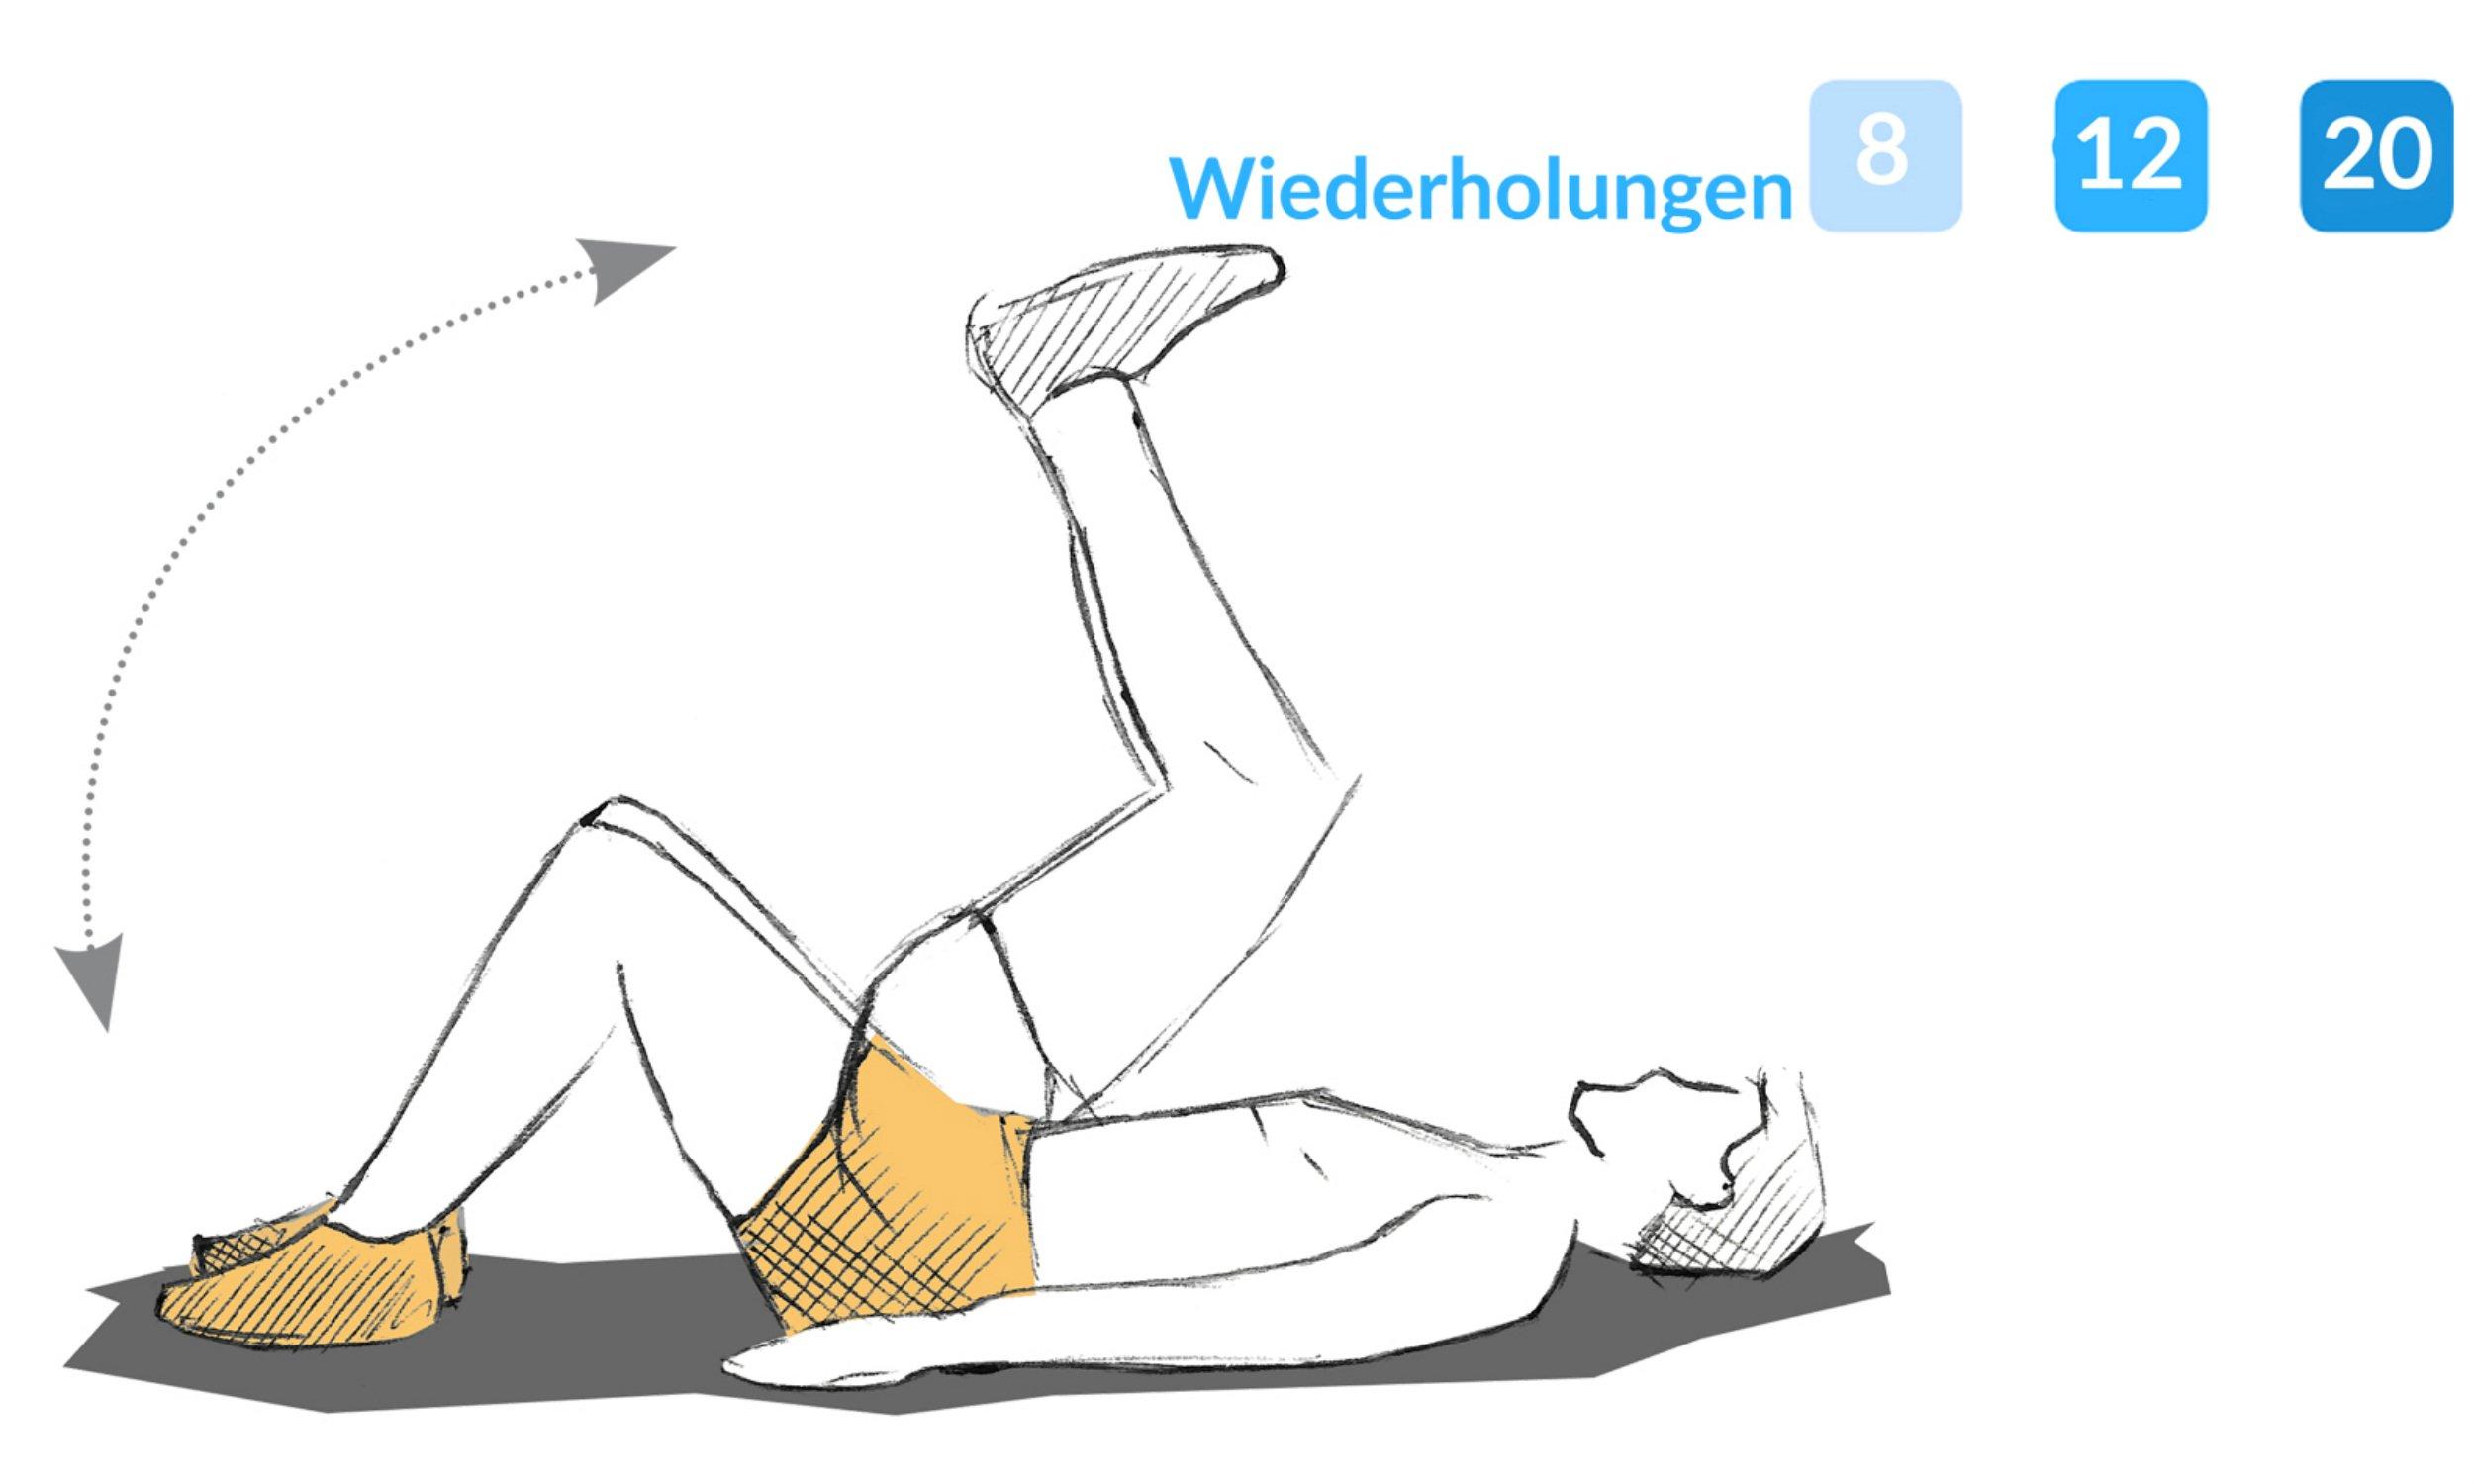 Anleitung zum Aufrollen.